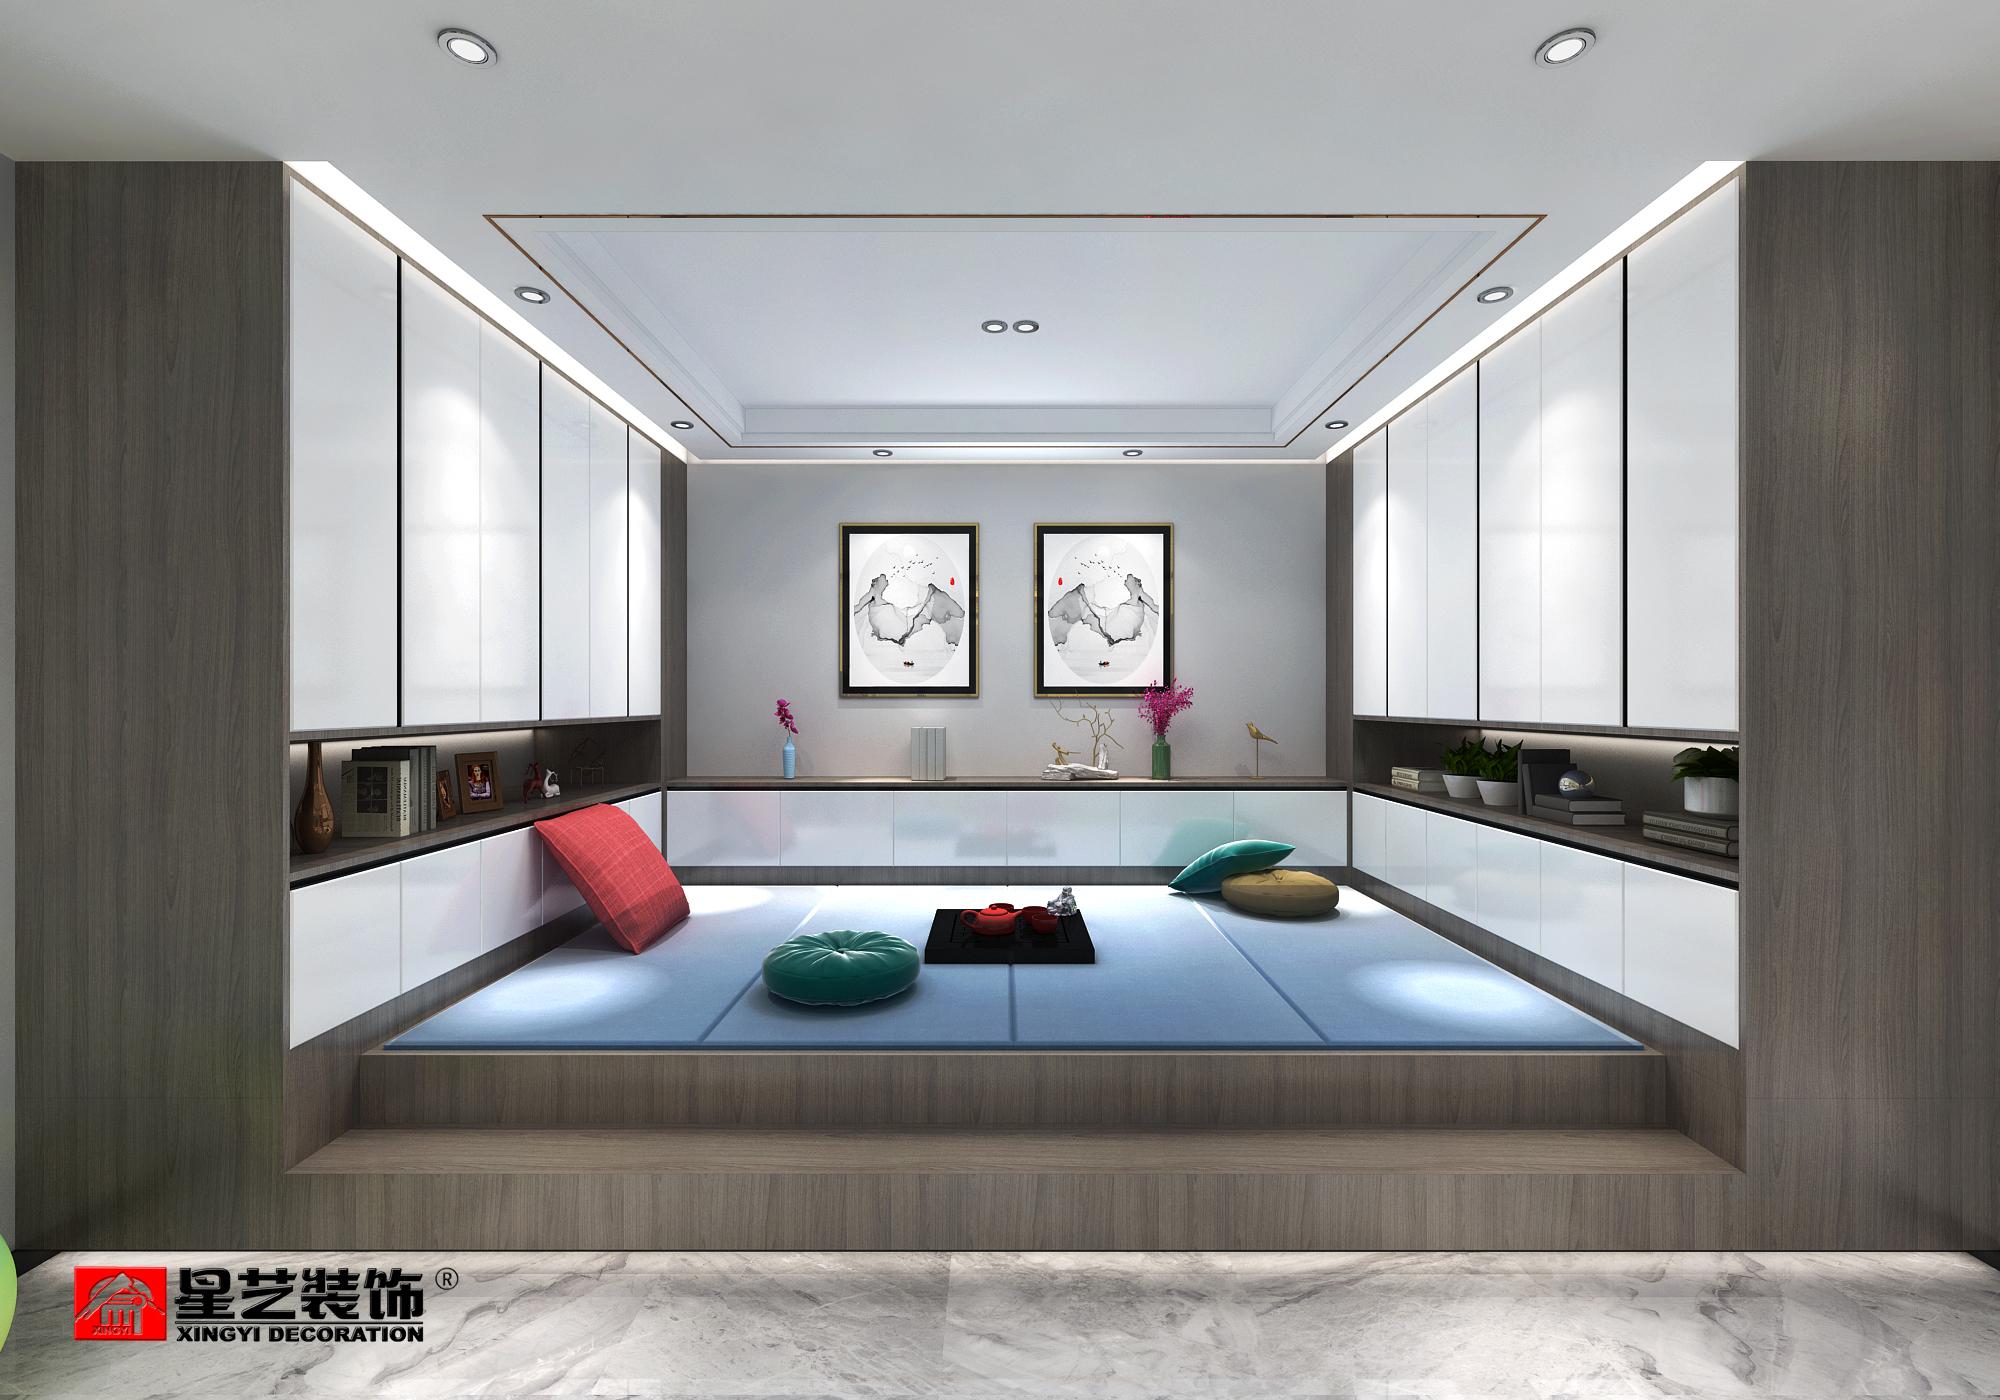 龙湖天琅现代轻奢风格装修设计